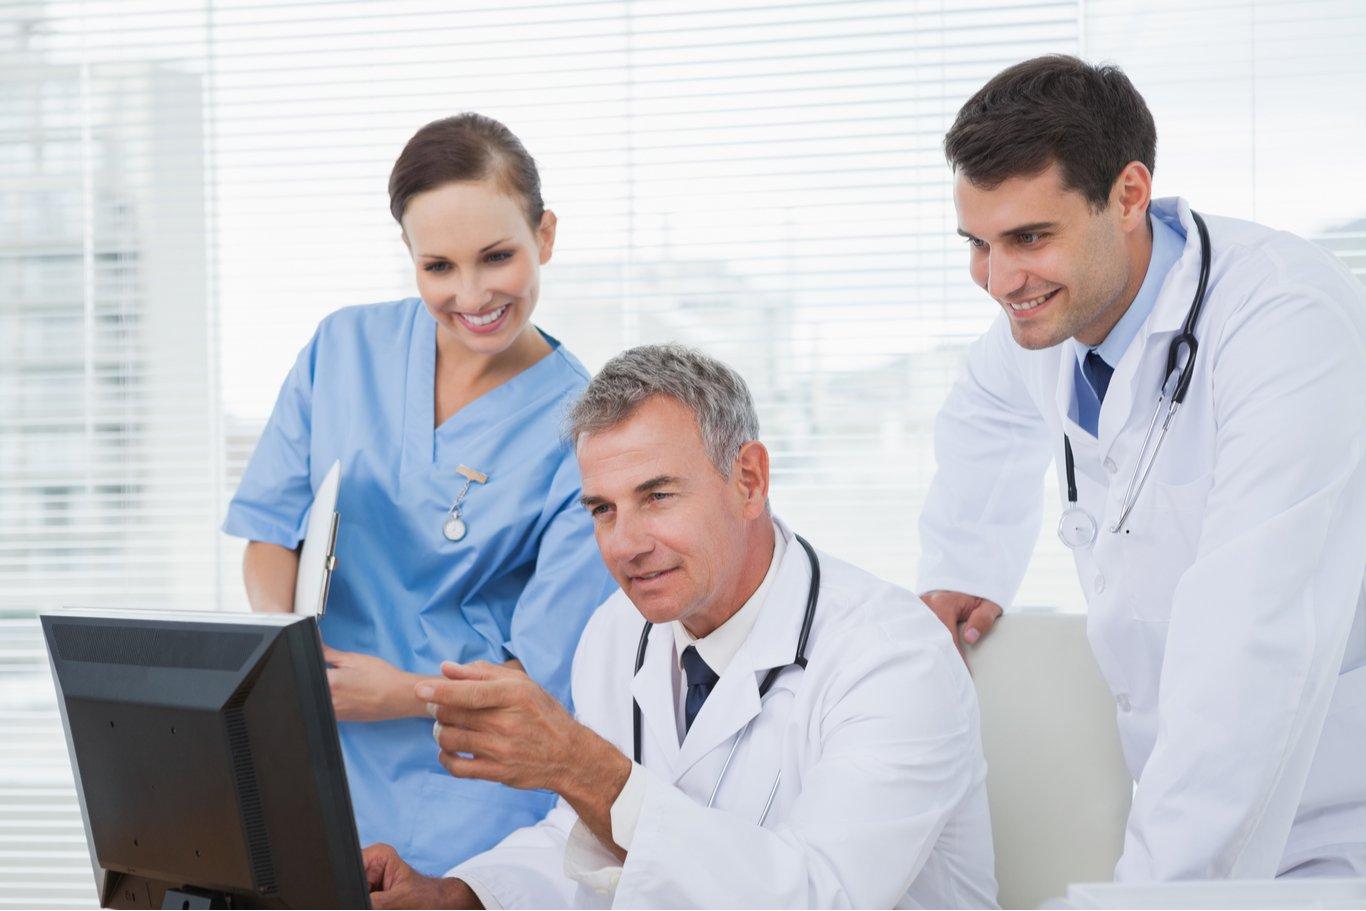 Doctores viendo series de medicina